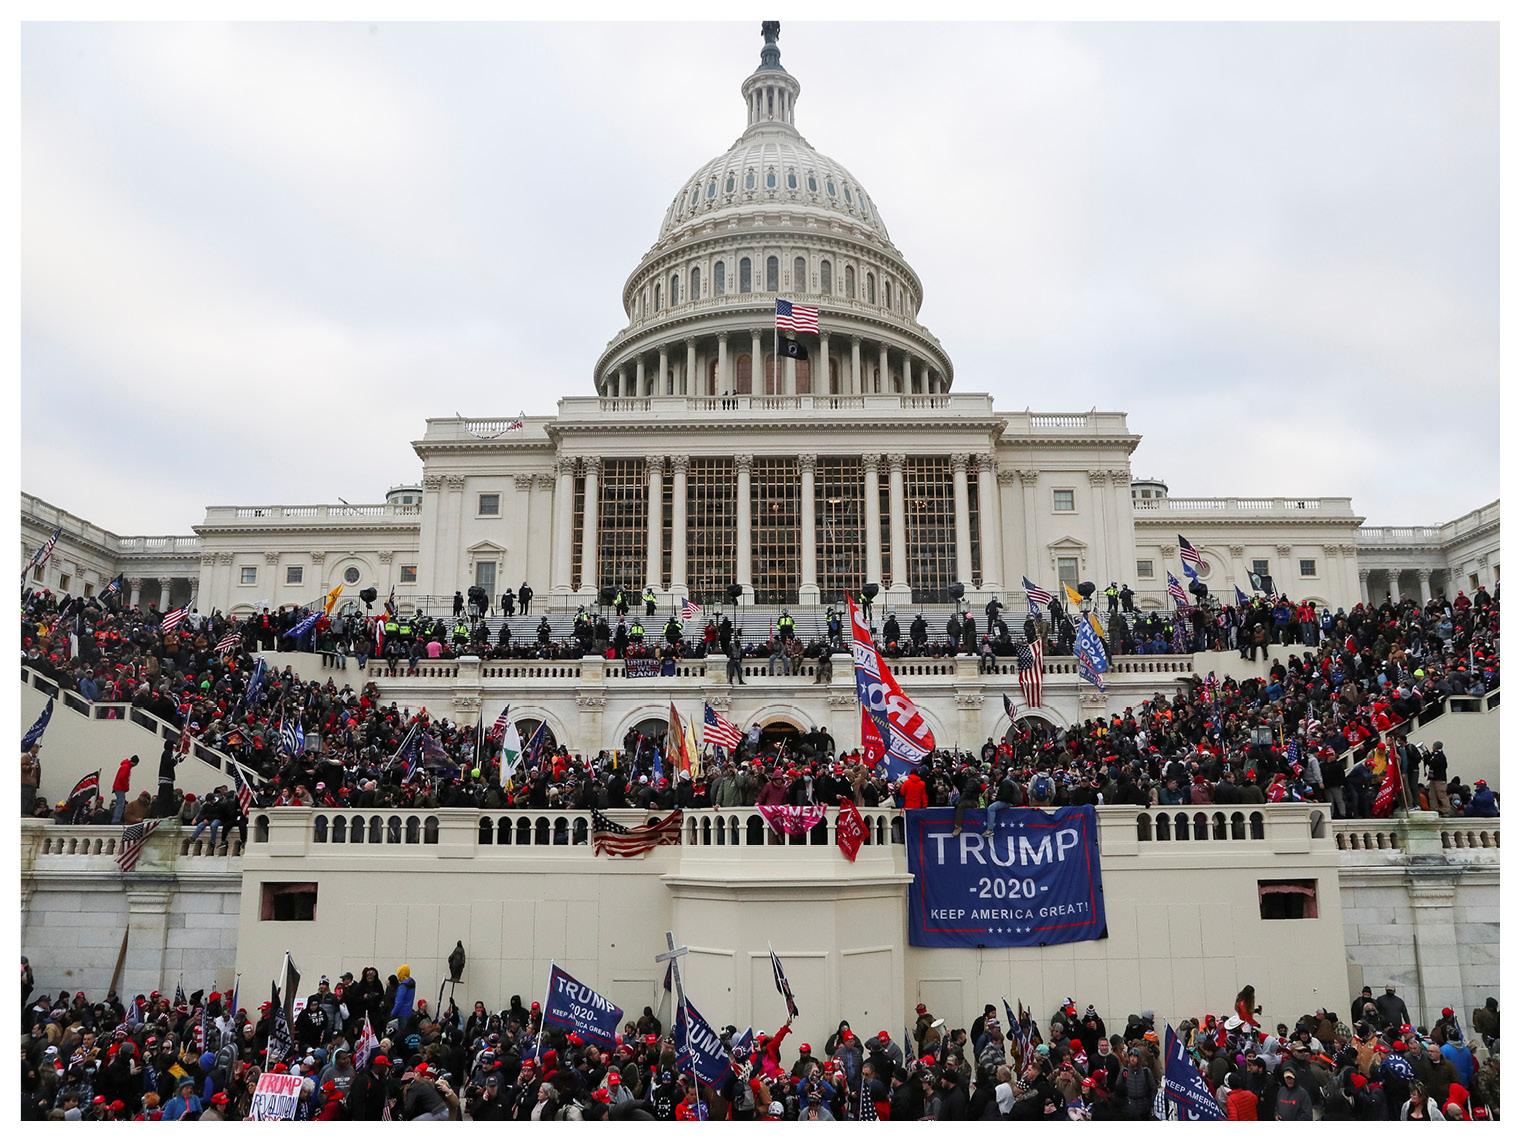 वॉशिंगटन में कैपिटल बिल्डिंग के सामने हजारों की संख्या में जमा डोनाल्ड ट्रंप समर्थक।